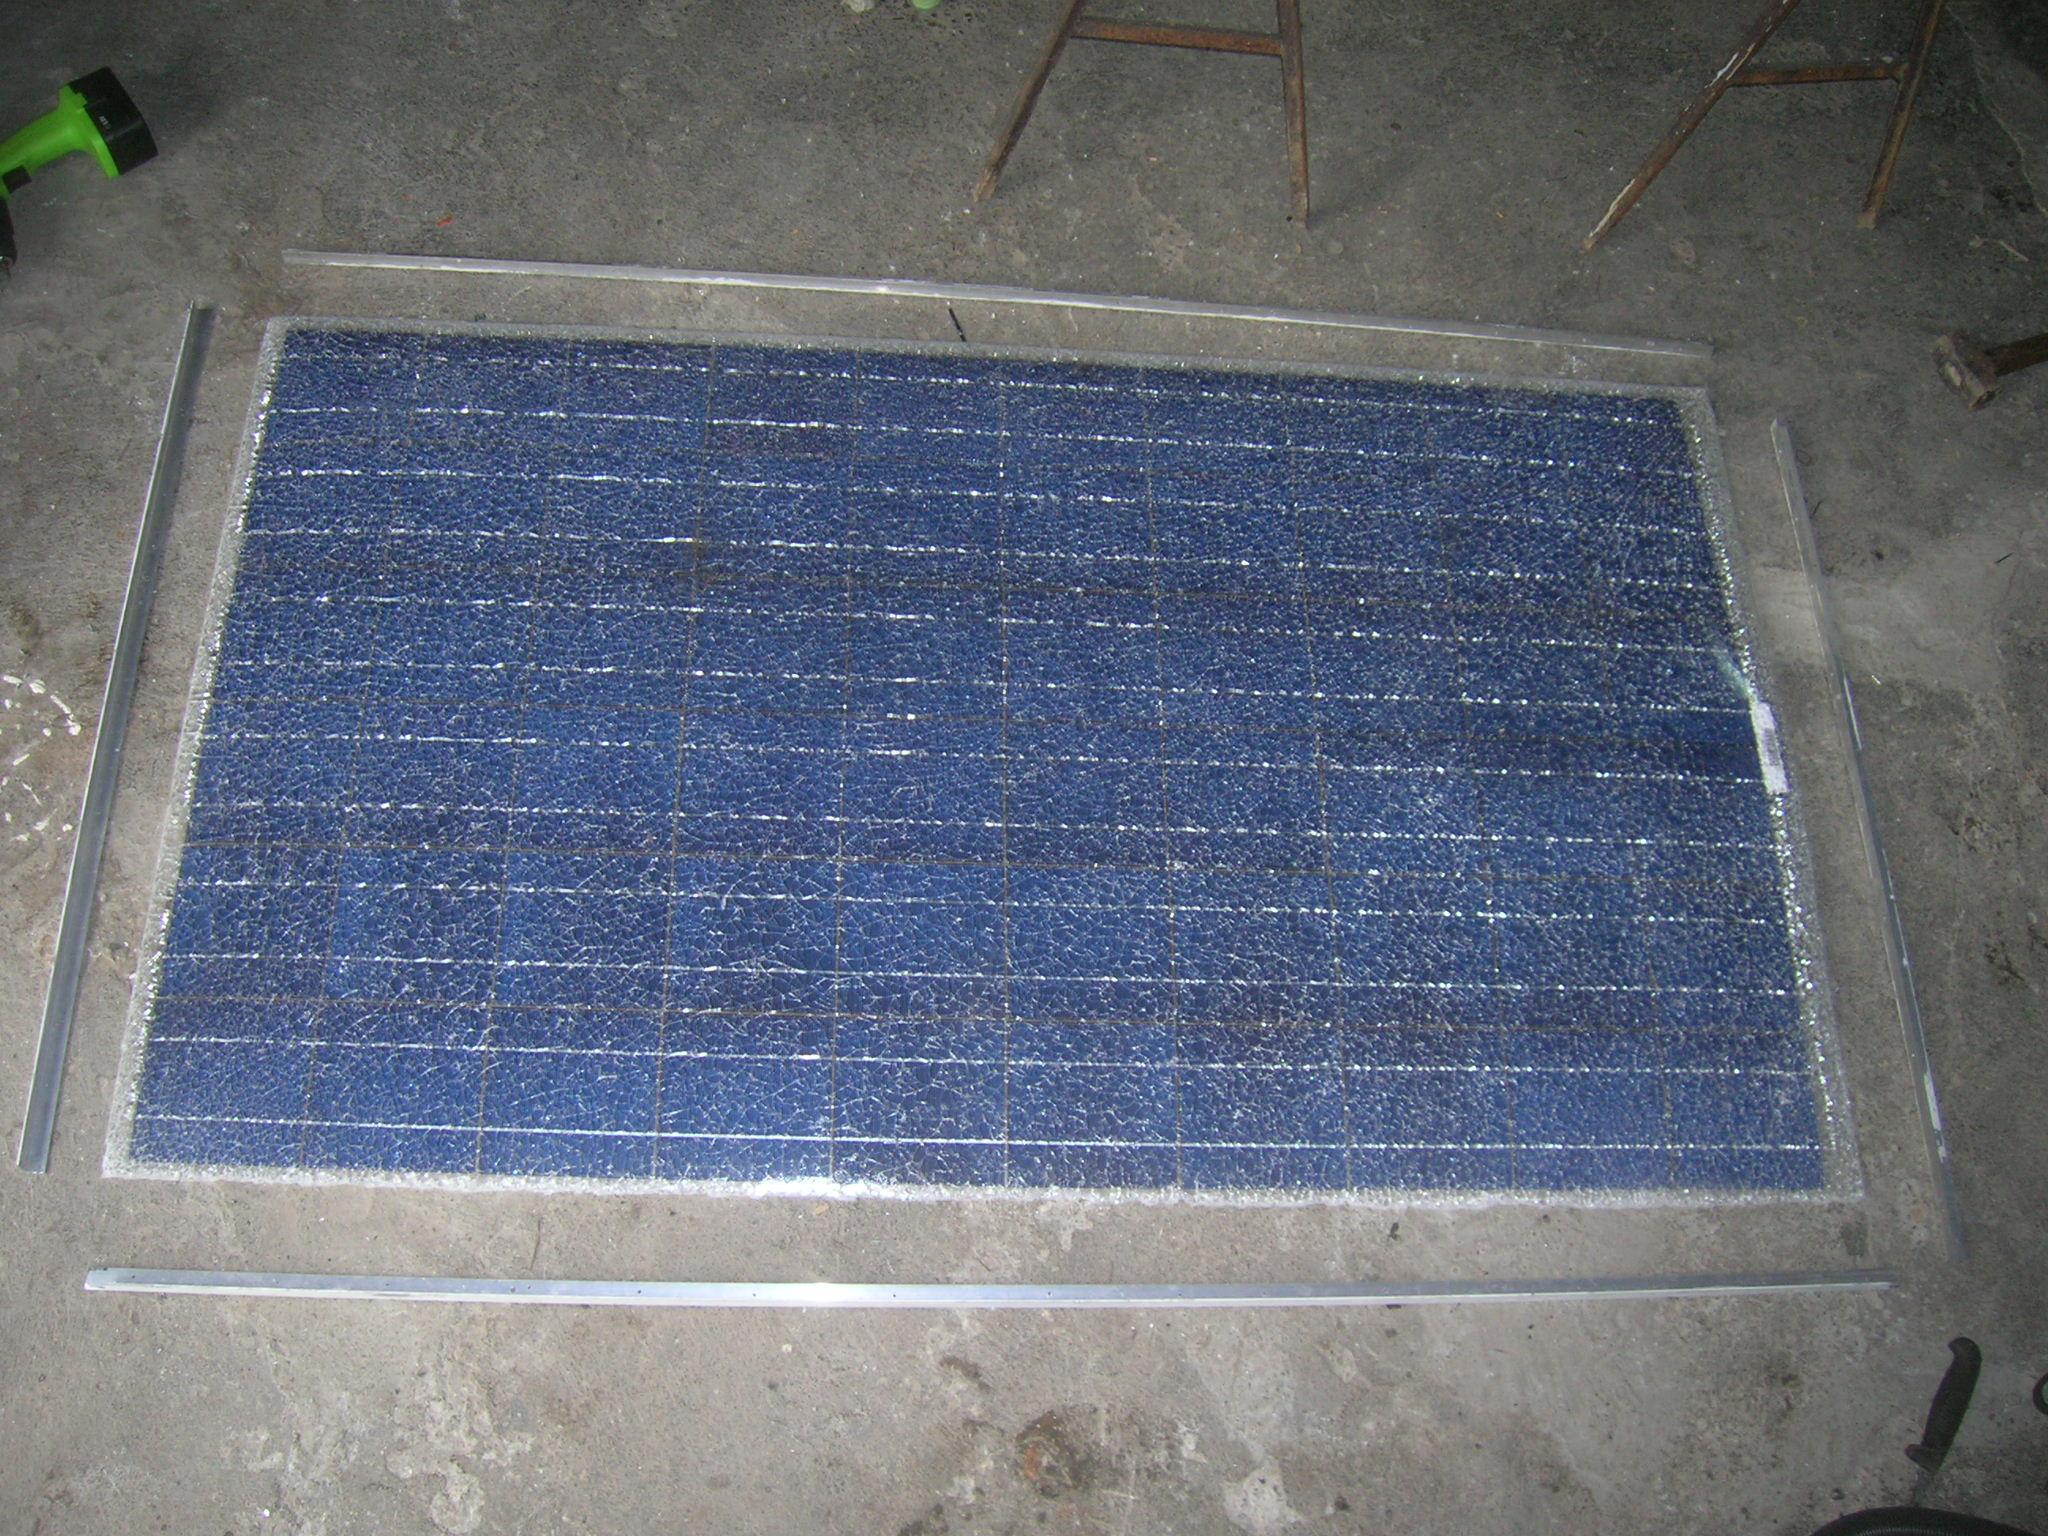 Schema Elettrico Regolatore Di Carica Per Pannelli Solari : Sunix a pannello solare regolatore di carica intelligente